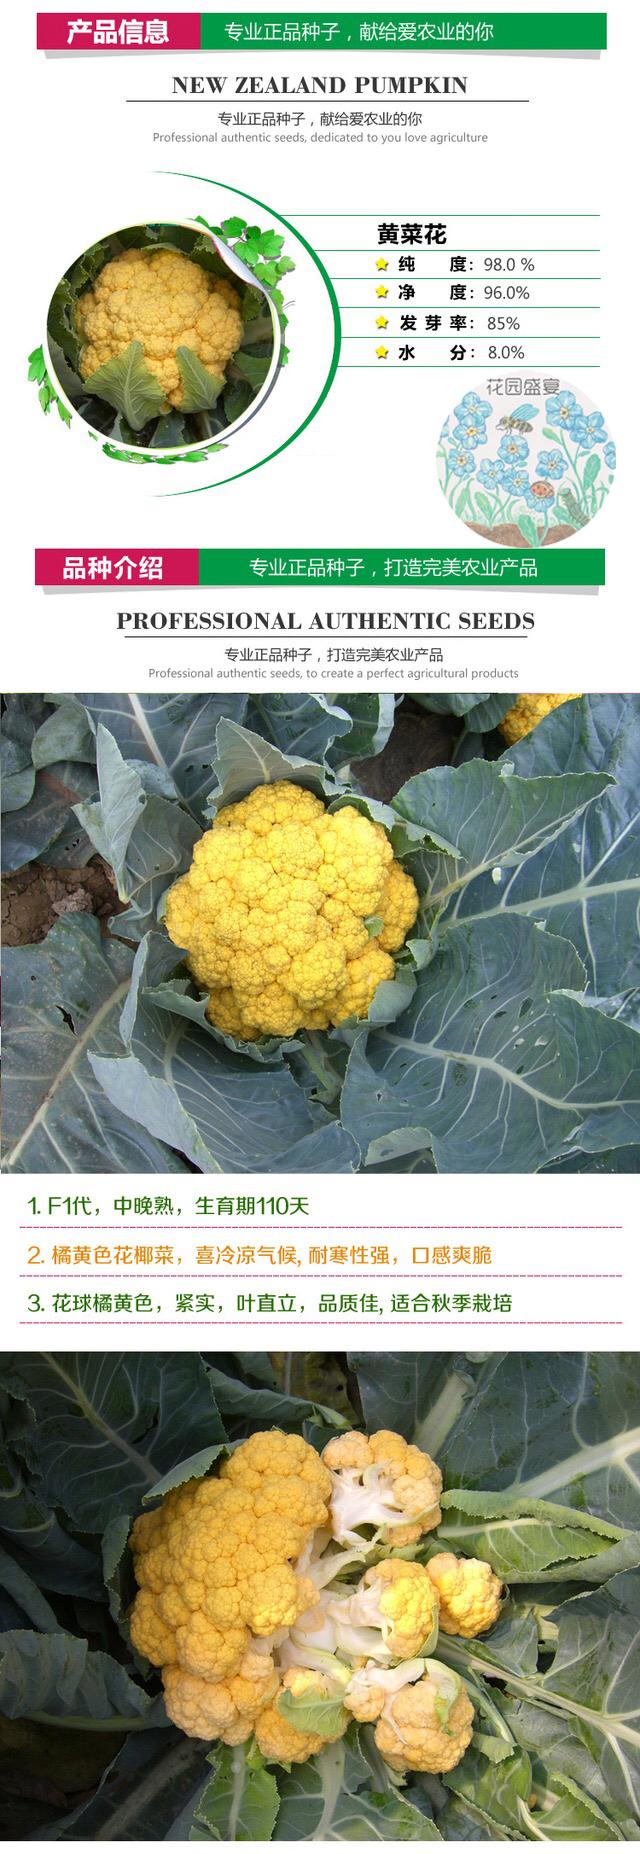 日落黄色花椰菜种子保健蔬菜种子高档蔬菜种子特色蔬菜种子进口种子价格进口种子公司